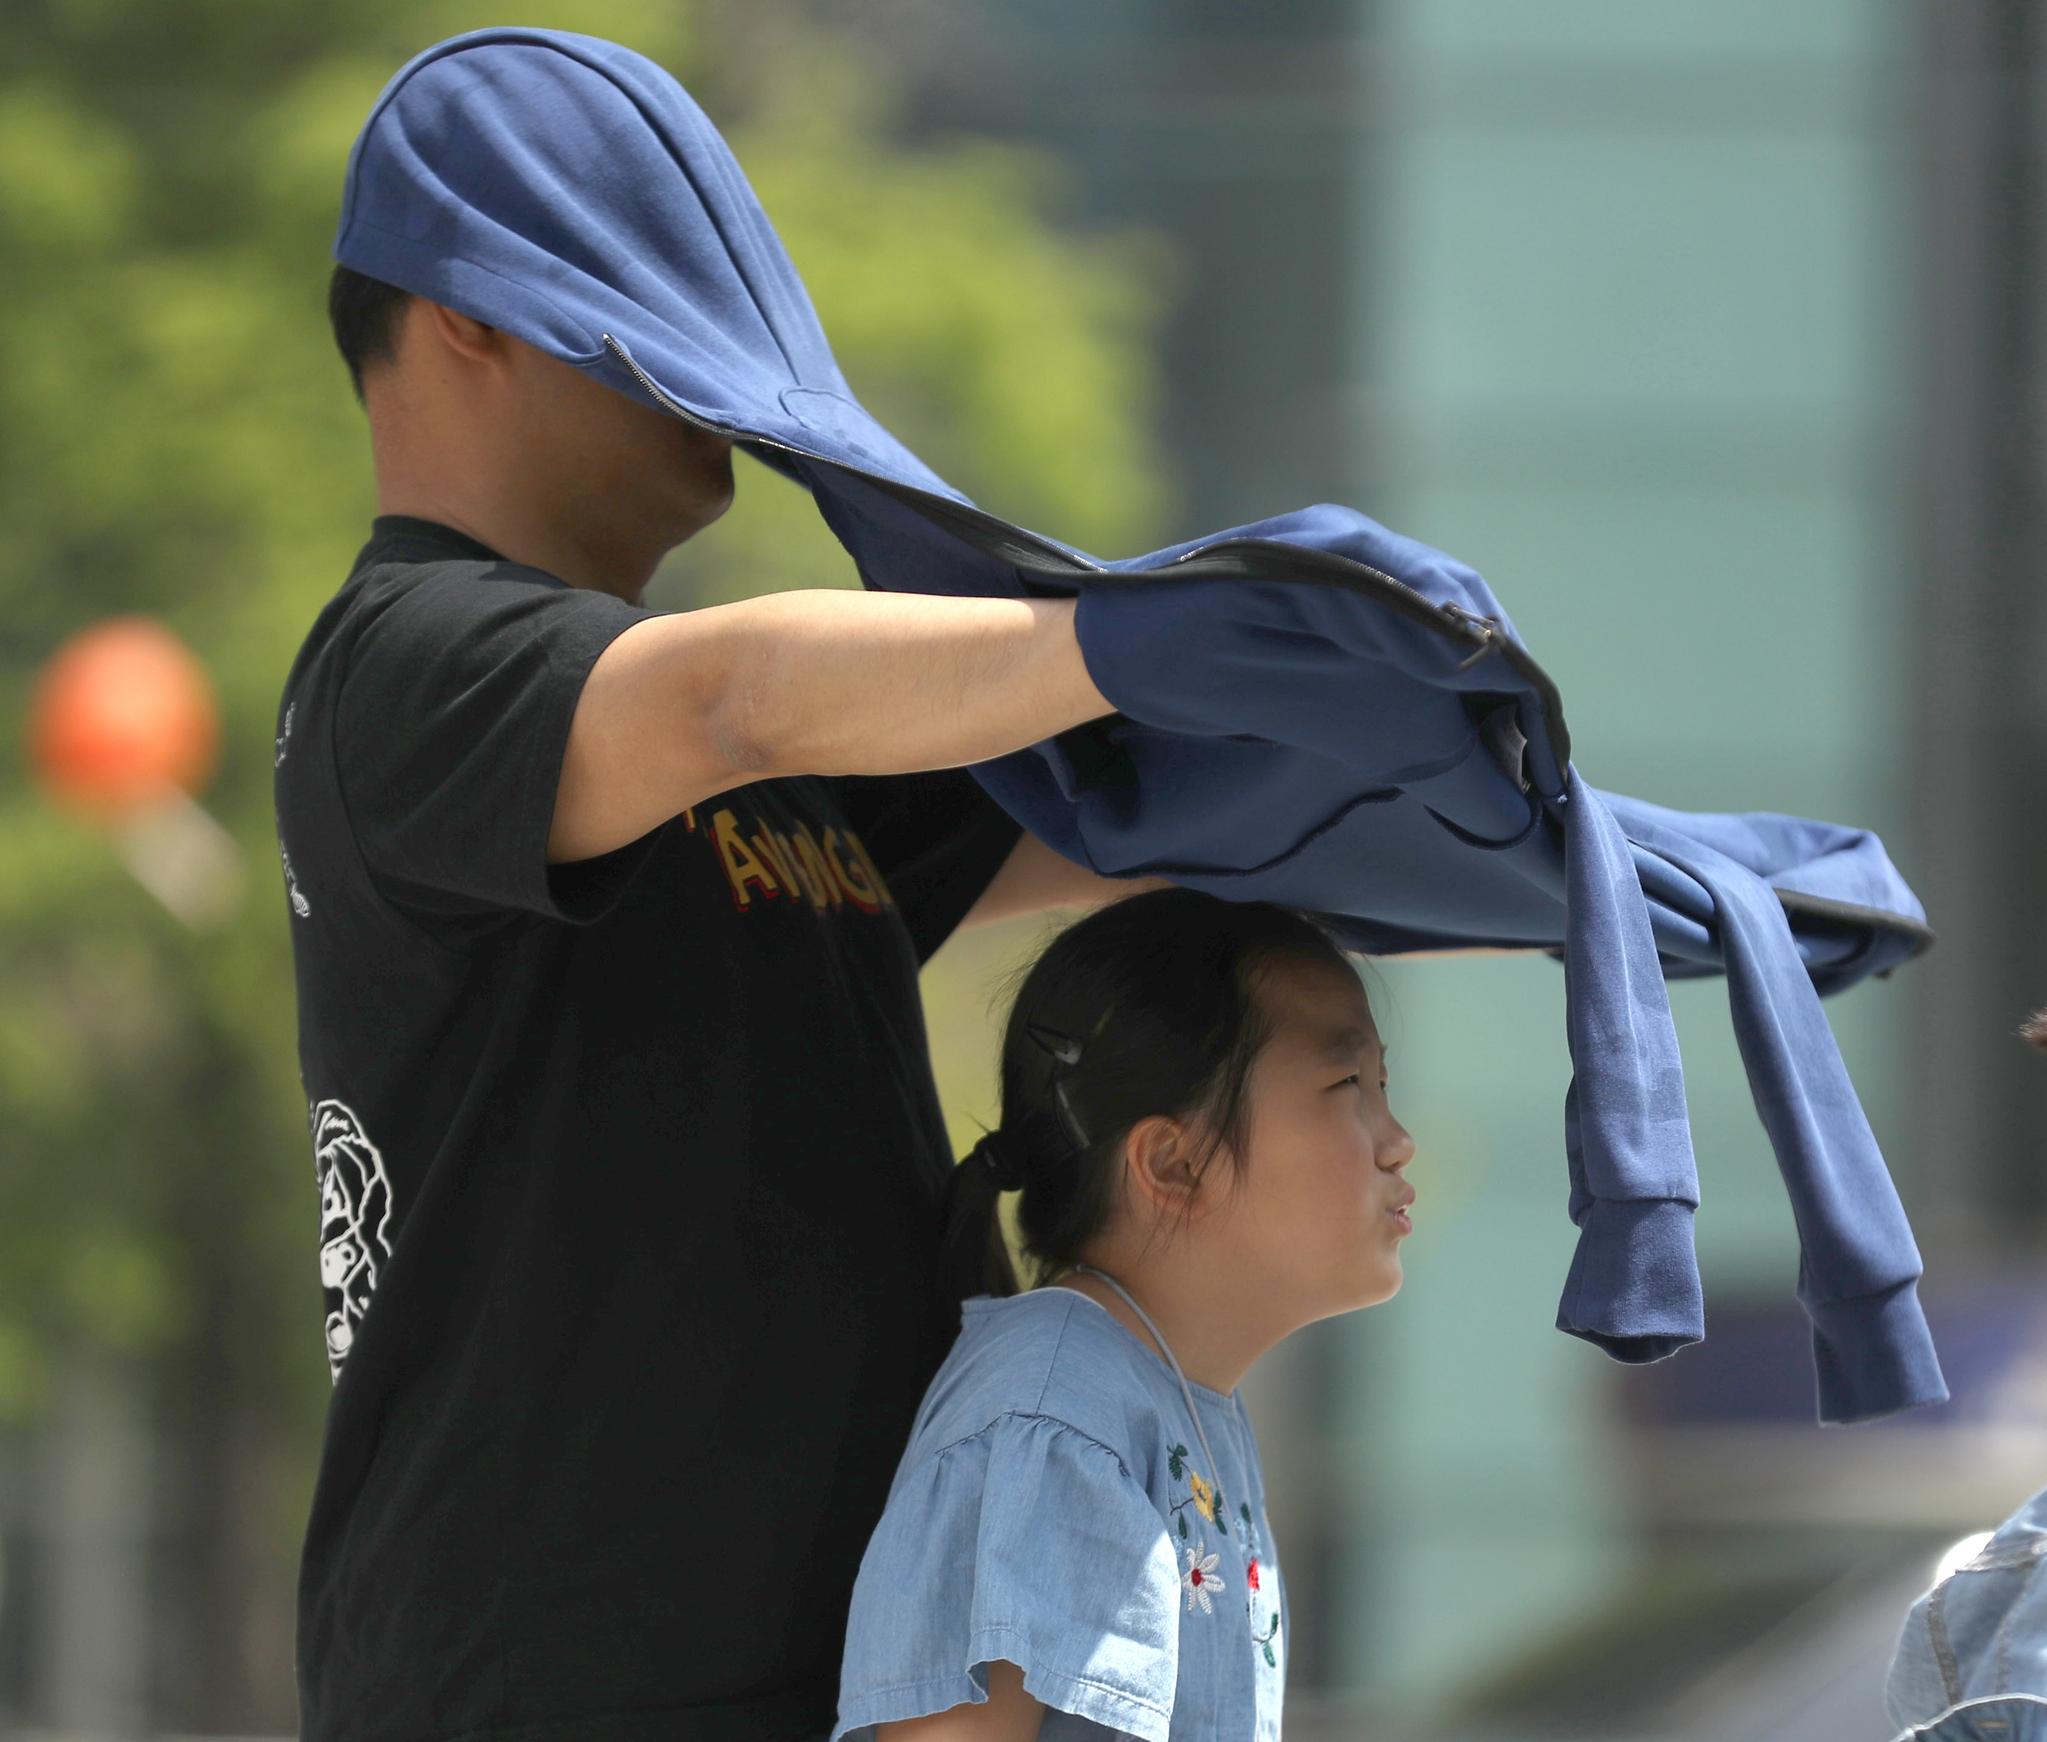 서울 보신각에서 열린 '어린이날 희망타종행사'에 참가한 딸에게 아빠가 그늘을 만들어주고 있다. [연합뉴스]